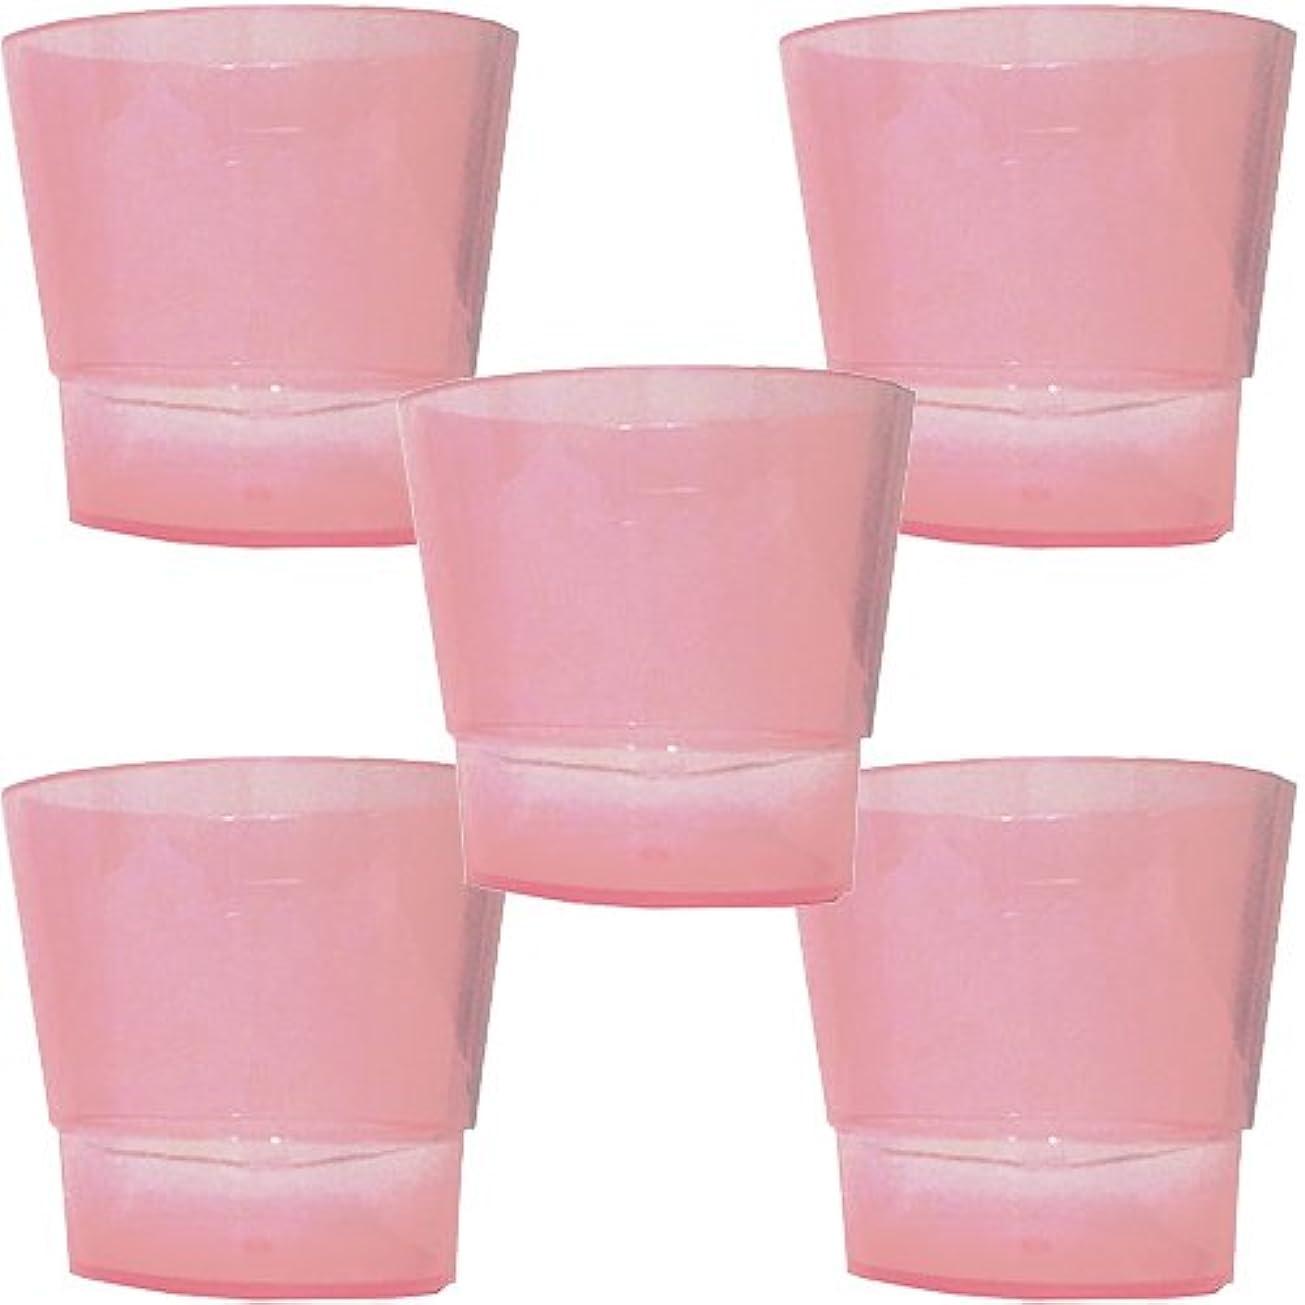 ベックス純粋な危機洗口コップ (少量洗口専用コップ) (ピンク 5個)